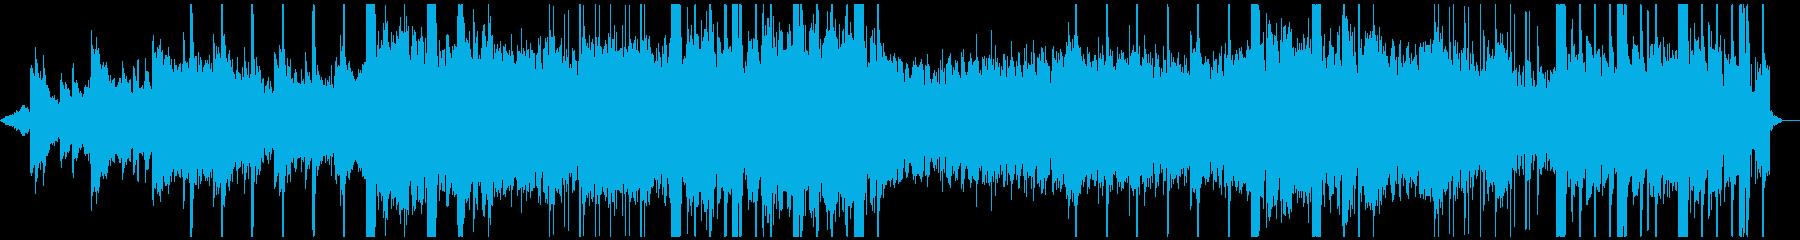 ノイズが印象的なピアノ曲ですの再生済みの波形